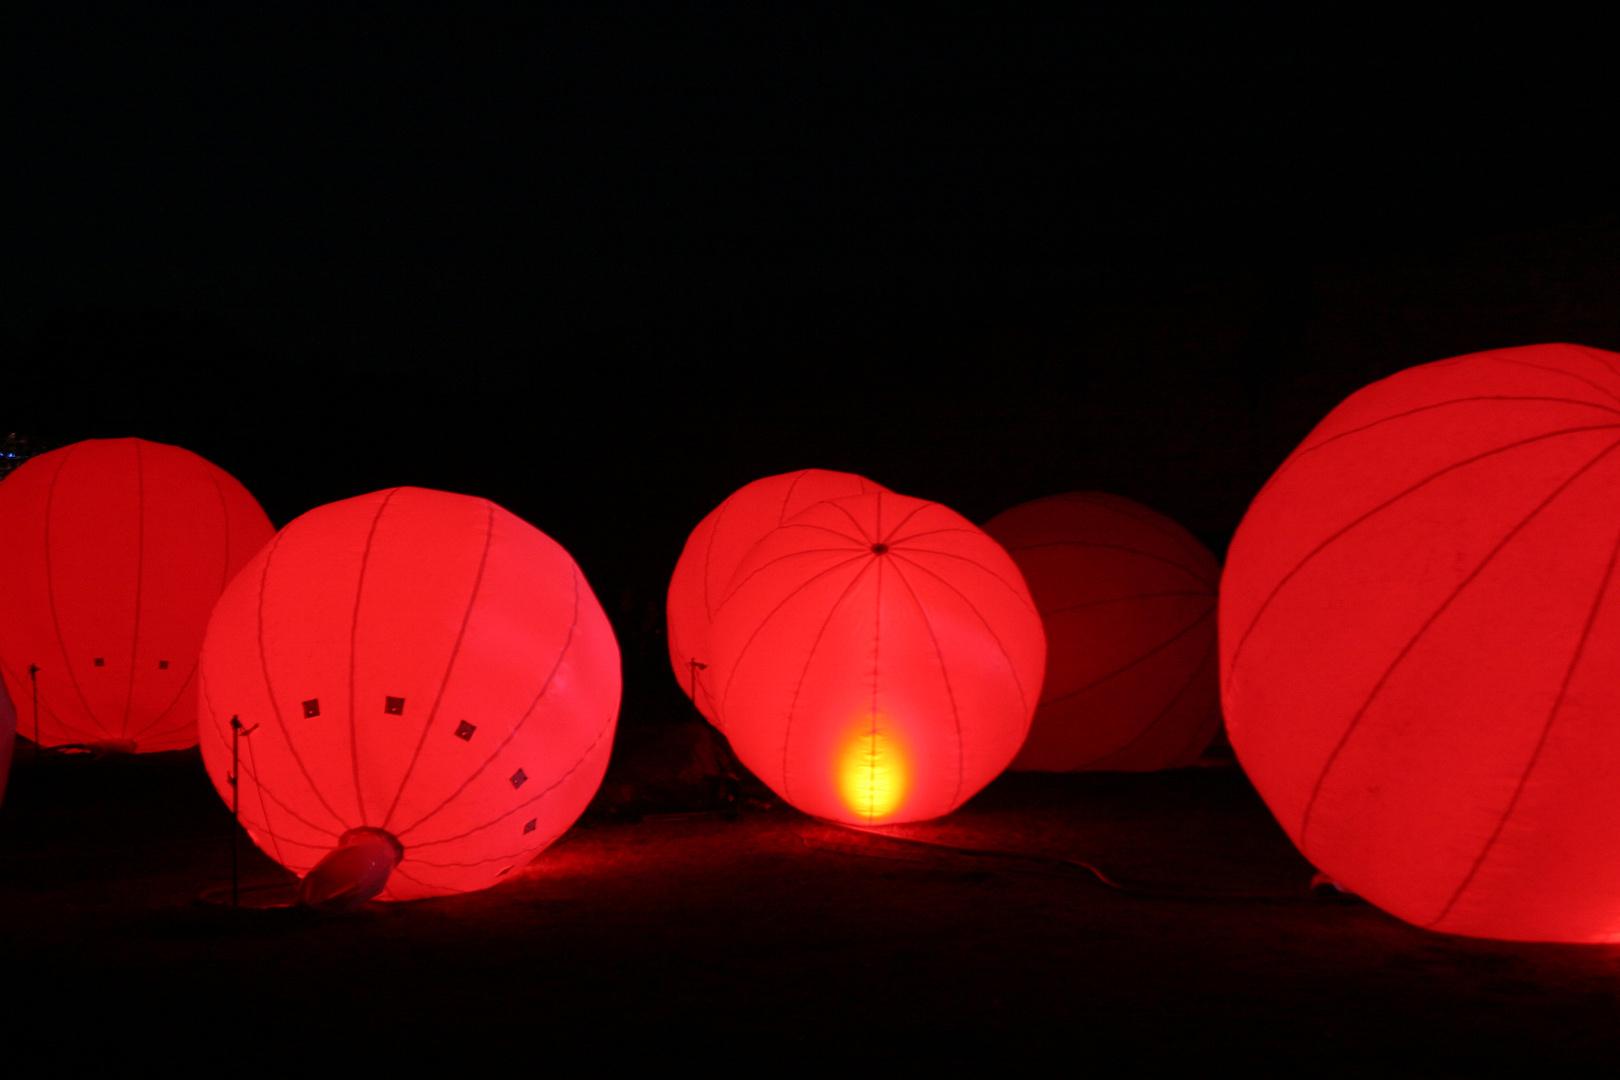 Festungsleuchten 2014 - Rote Ballons